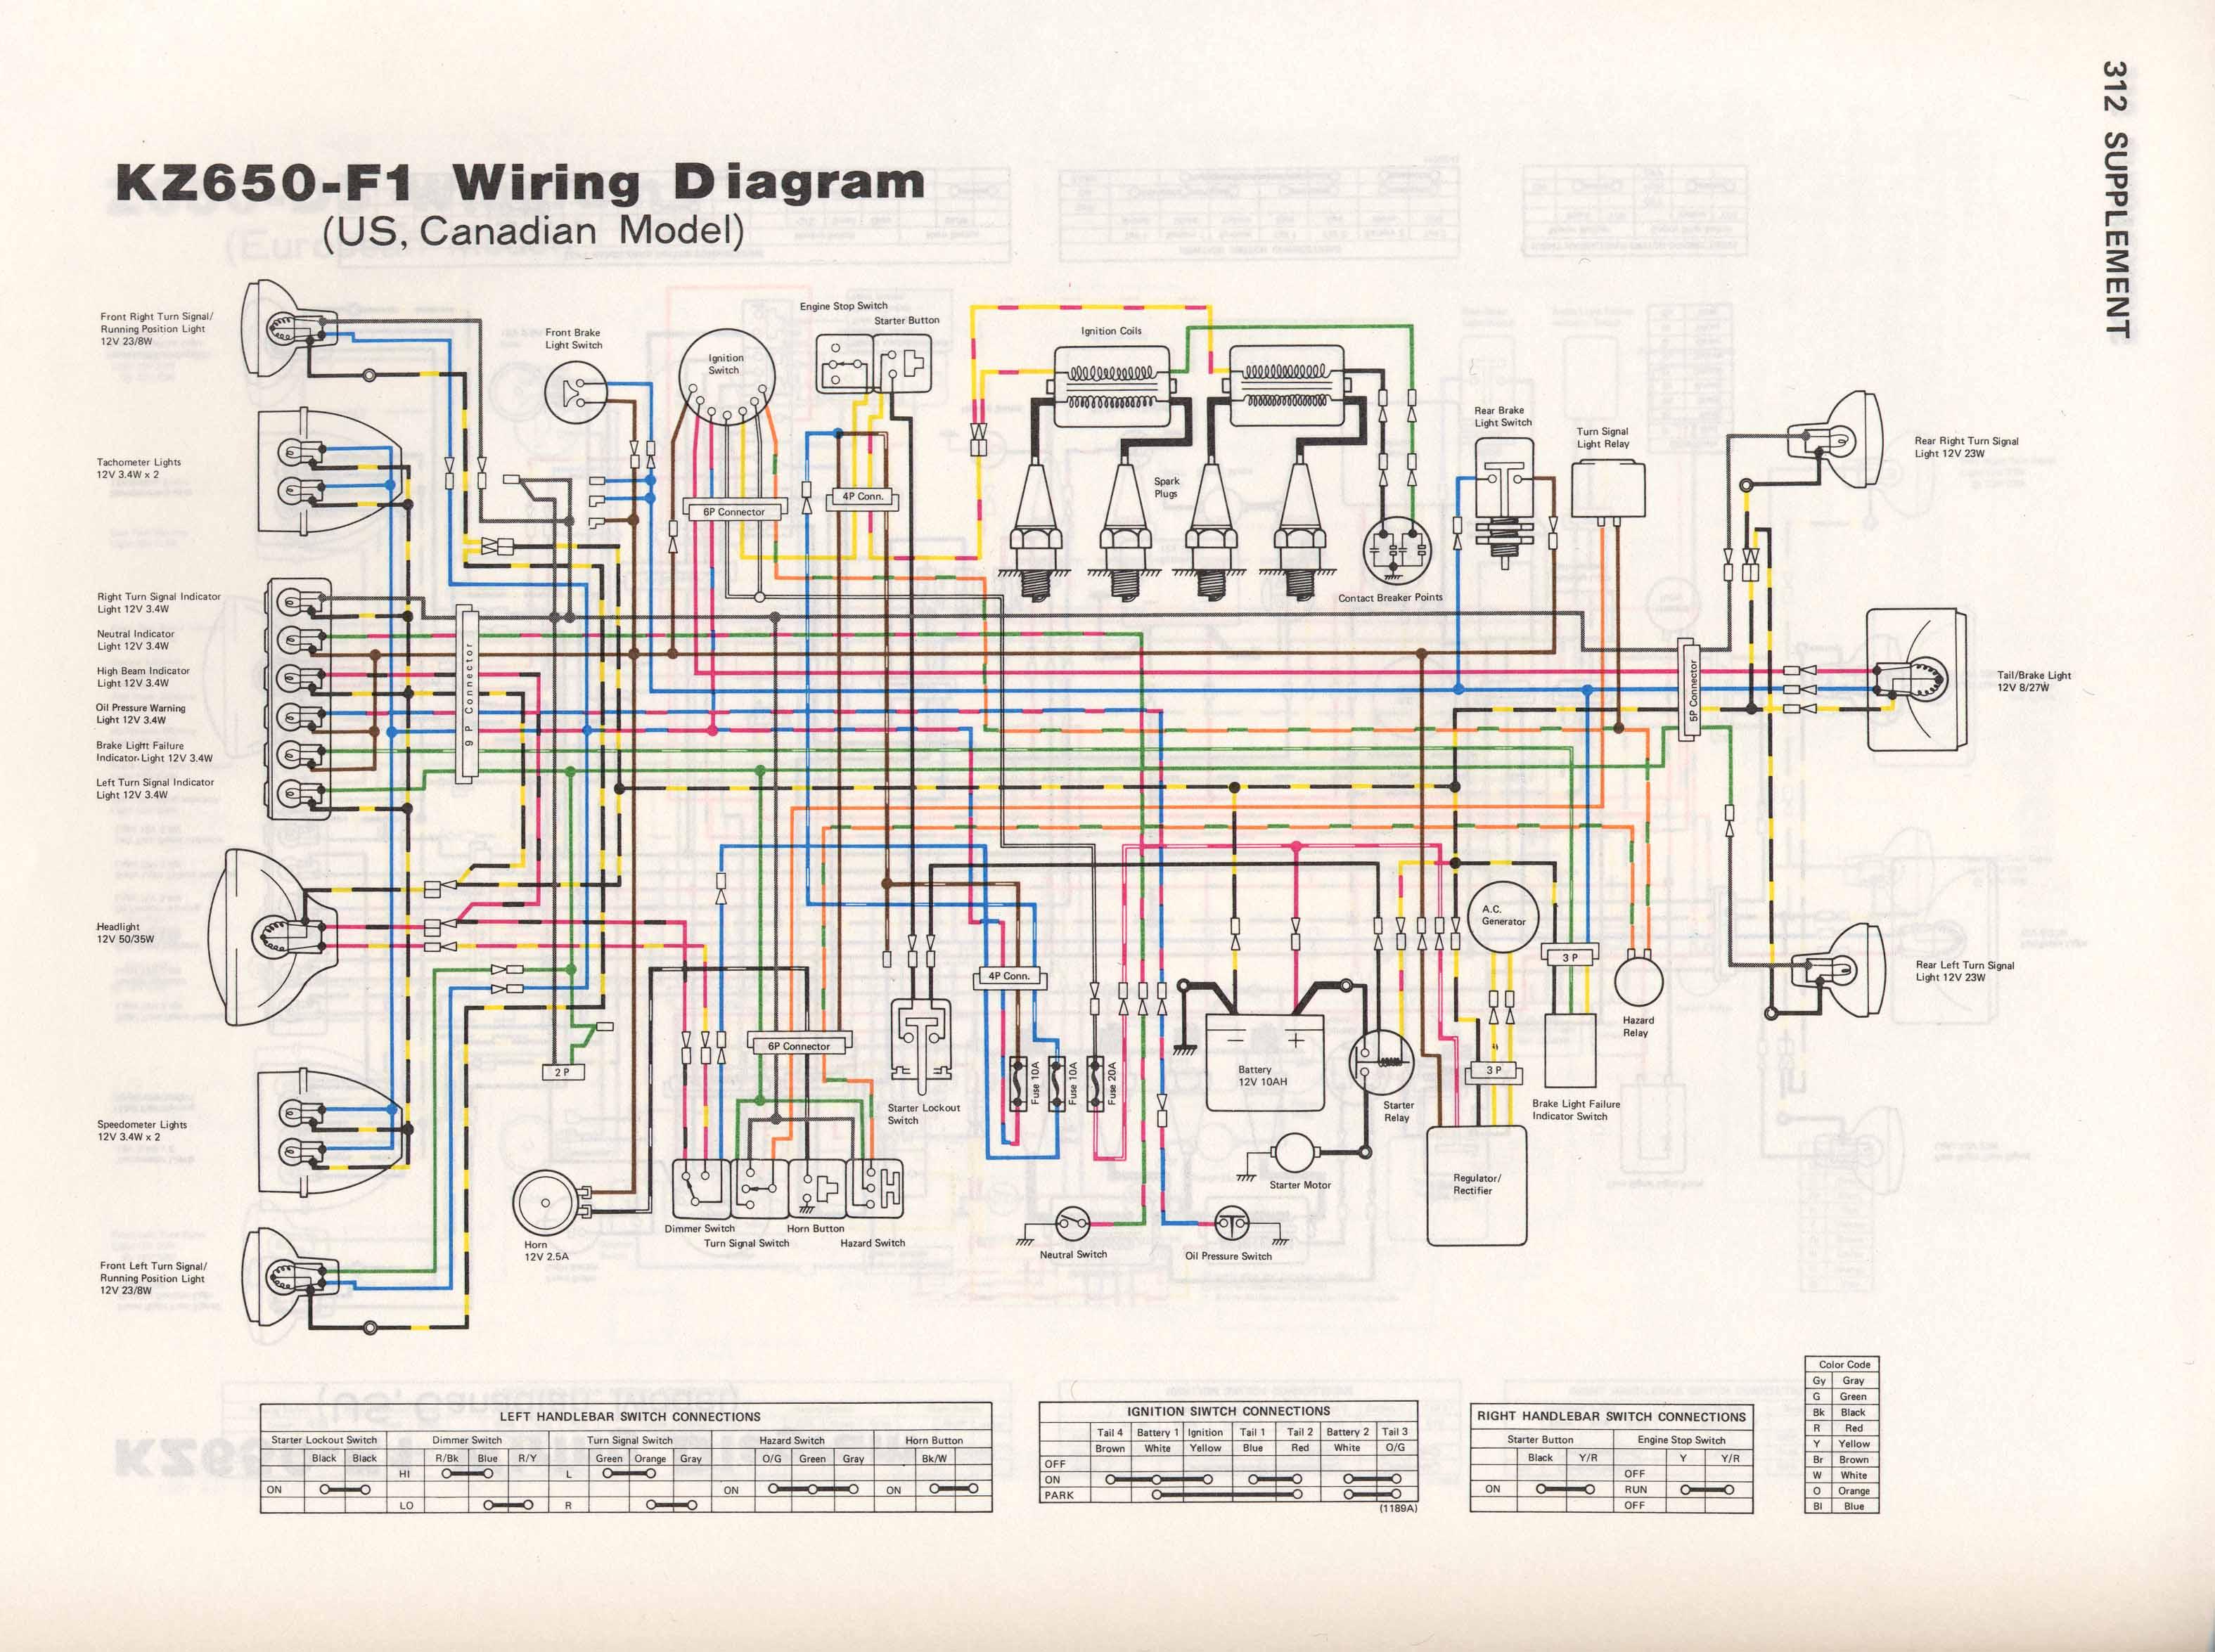 Concertone Wiring Diagram - Volvo C70 Engine Diagram  kawasakijuh.pubblicanews.it   Concertone Wiring Diagram      Bege Wiring Diagram Full Edition